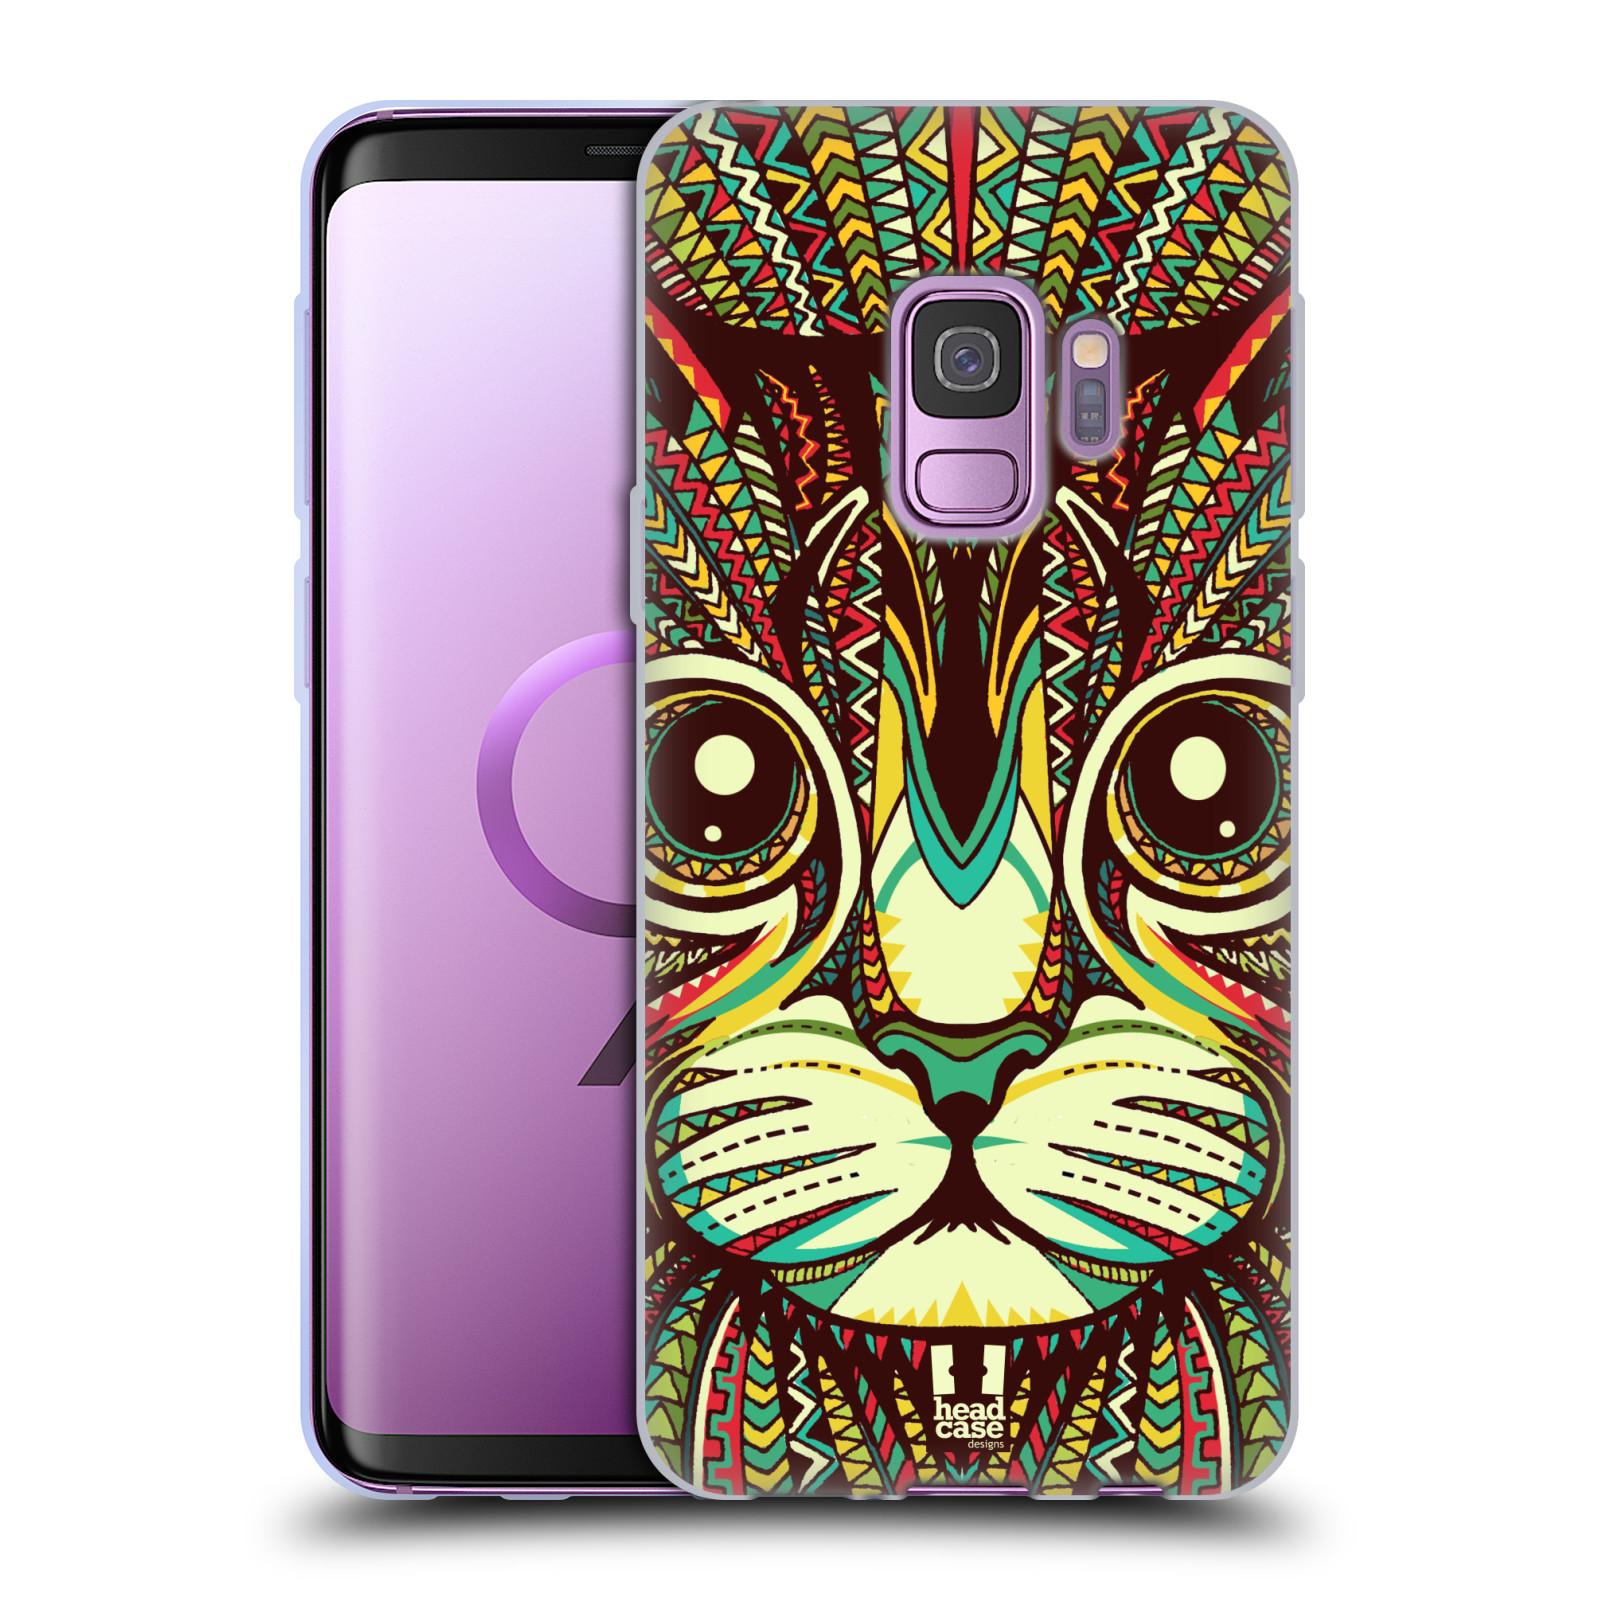 Silikonové pouzdro na mobil Samsung Galaxy S9 - Head Case - AZTEC KOČKA